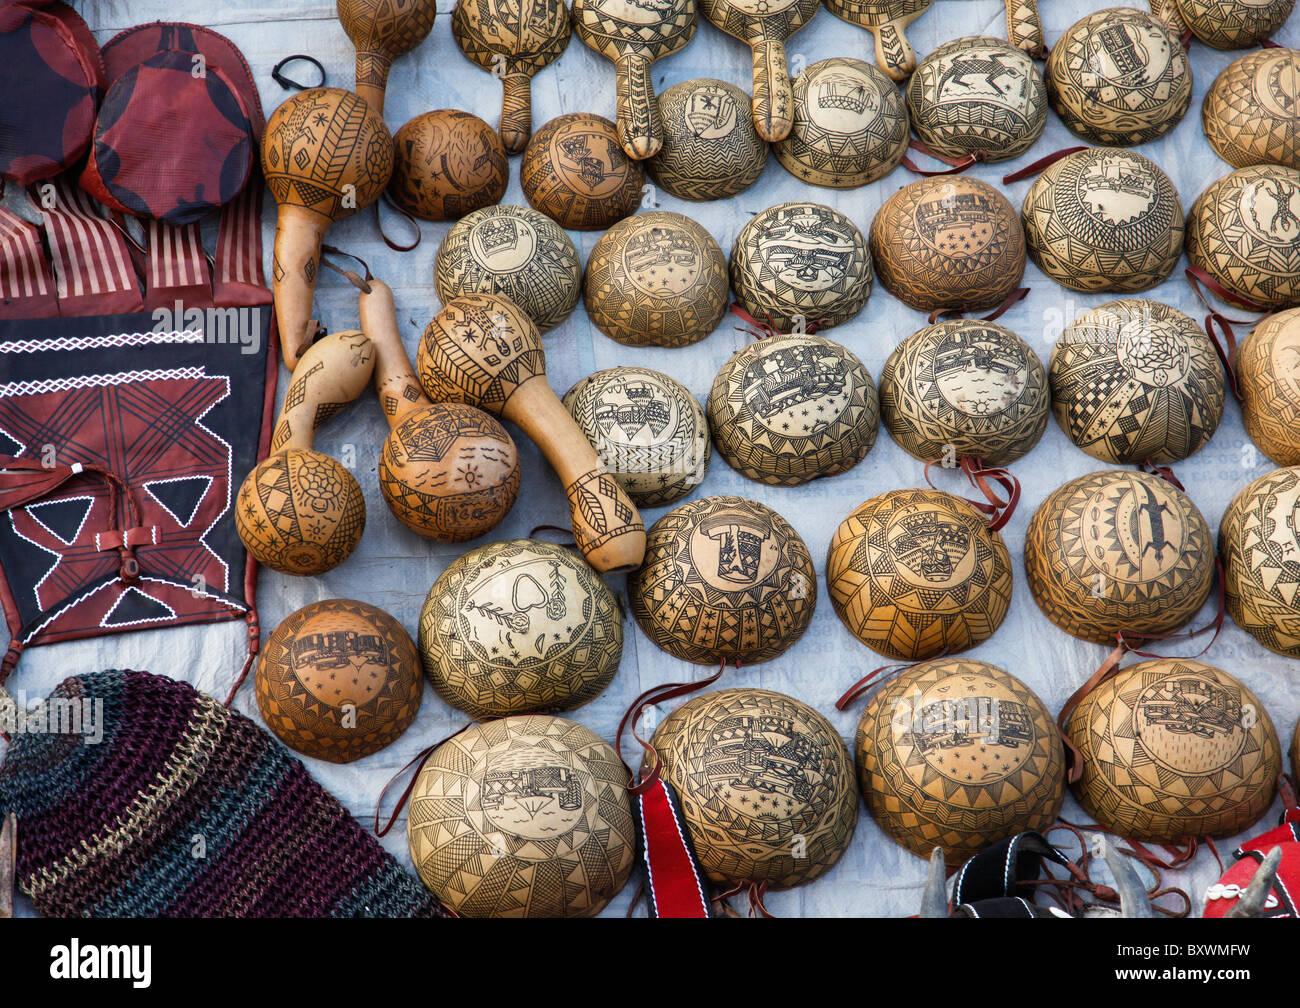 Semestral en el Salon International de l'Artisanat de Ouagadougou en Burkina Faso SIAO proveedores venden calabashes tallada y zapallo Foto de stock